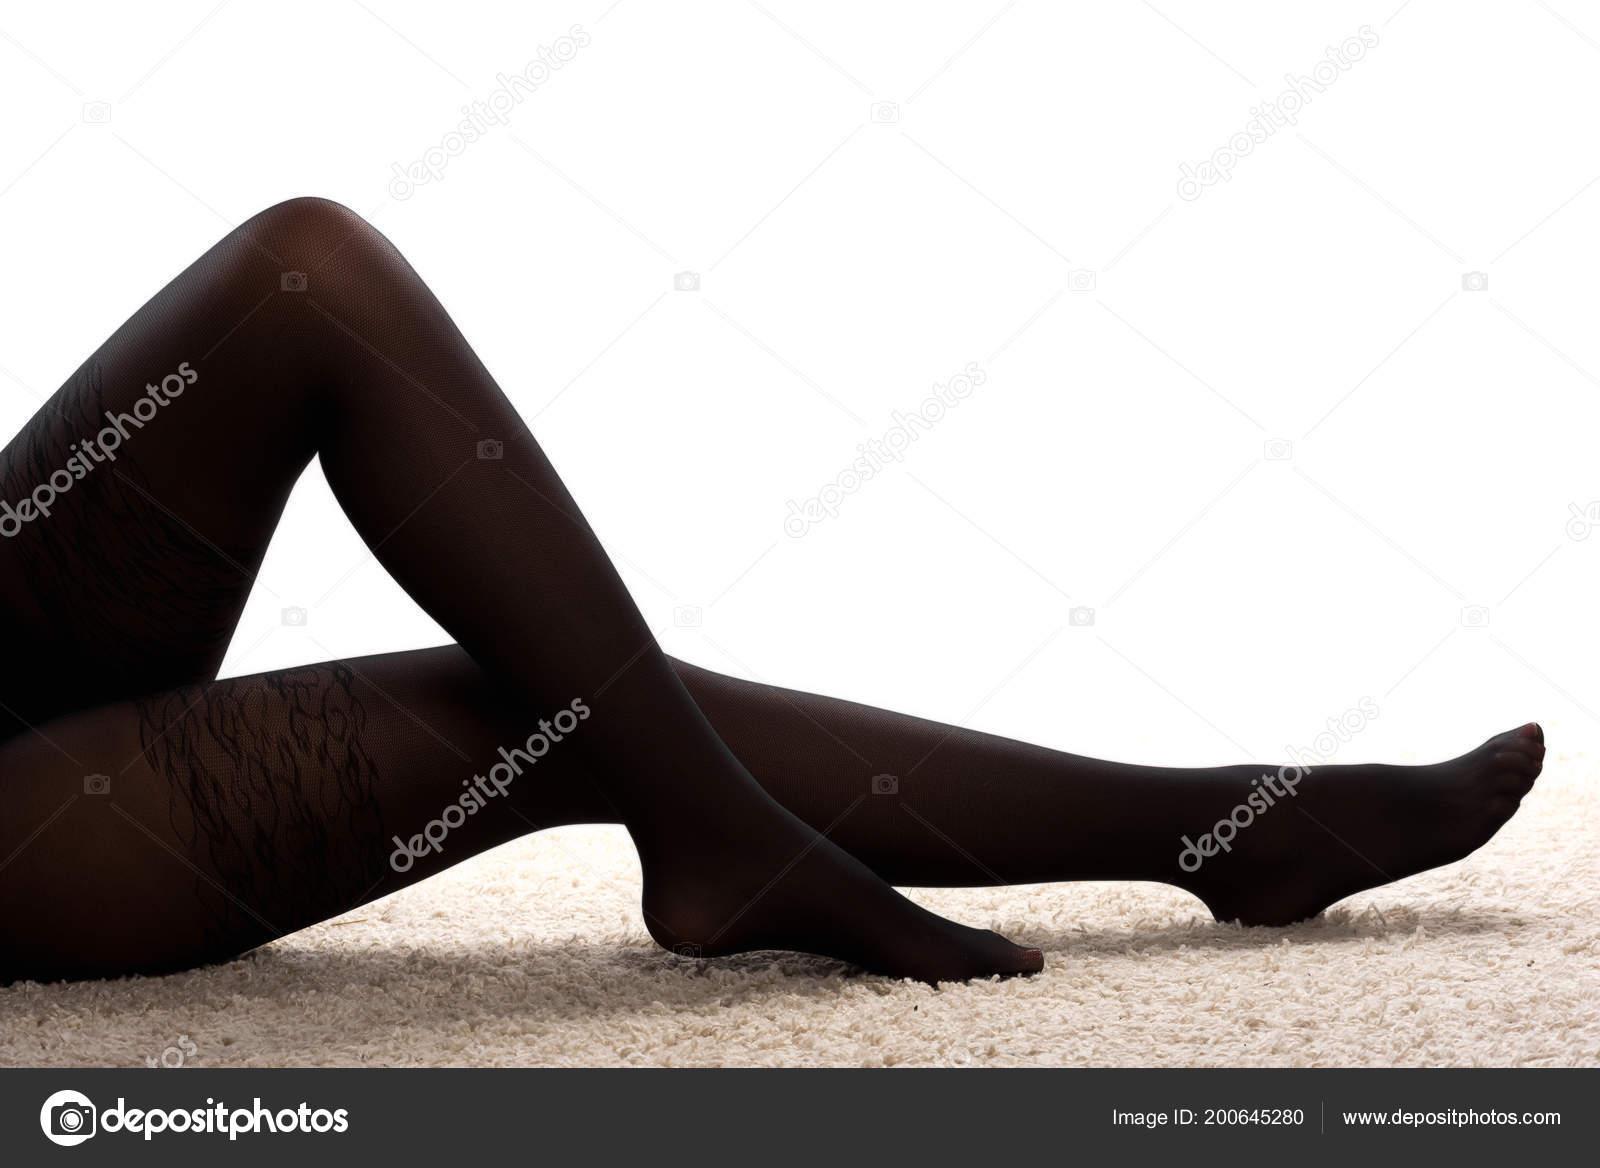 Horké černé kořist obrázky